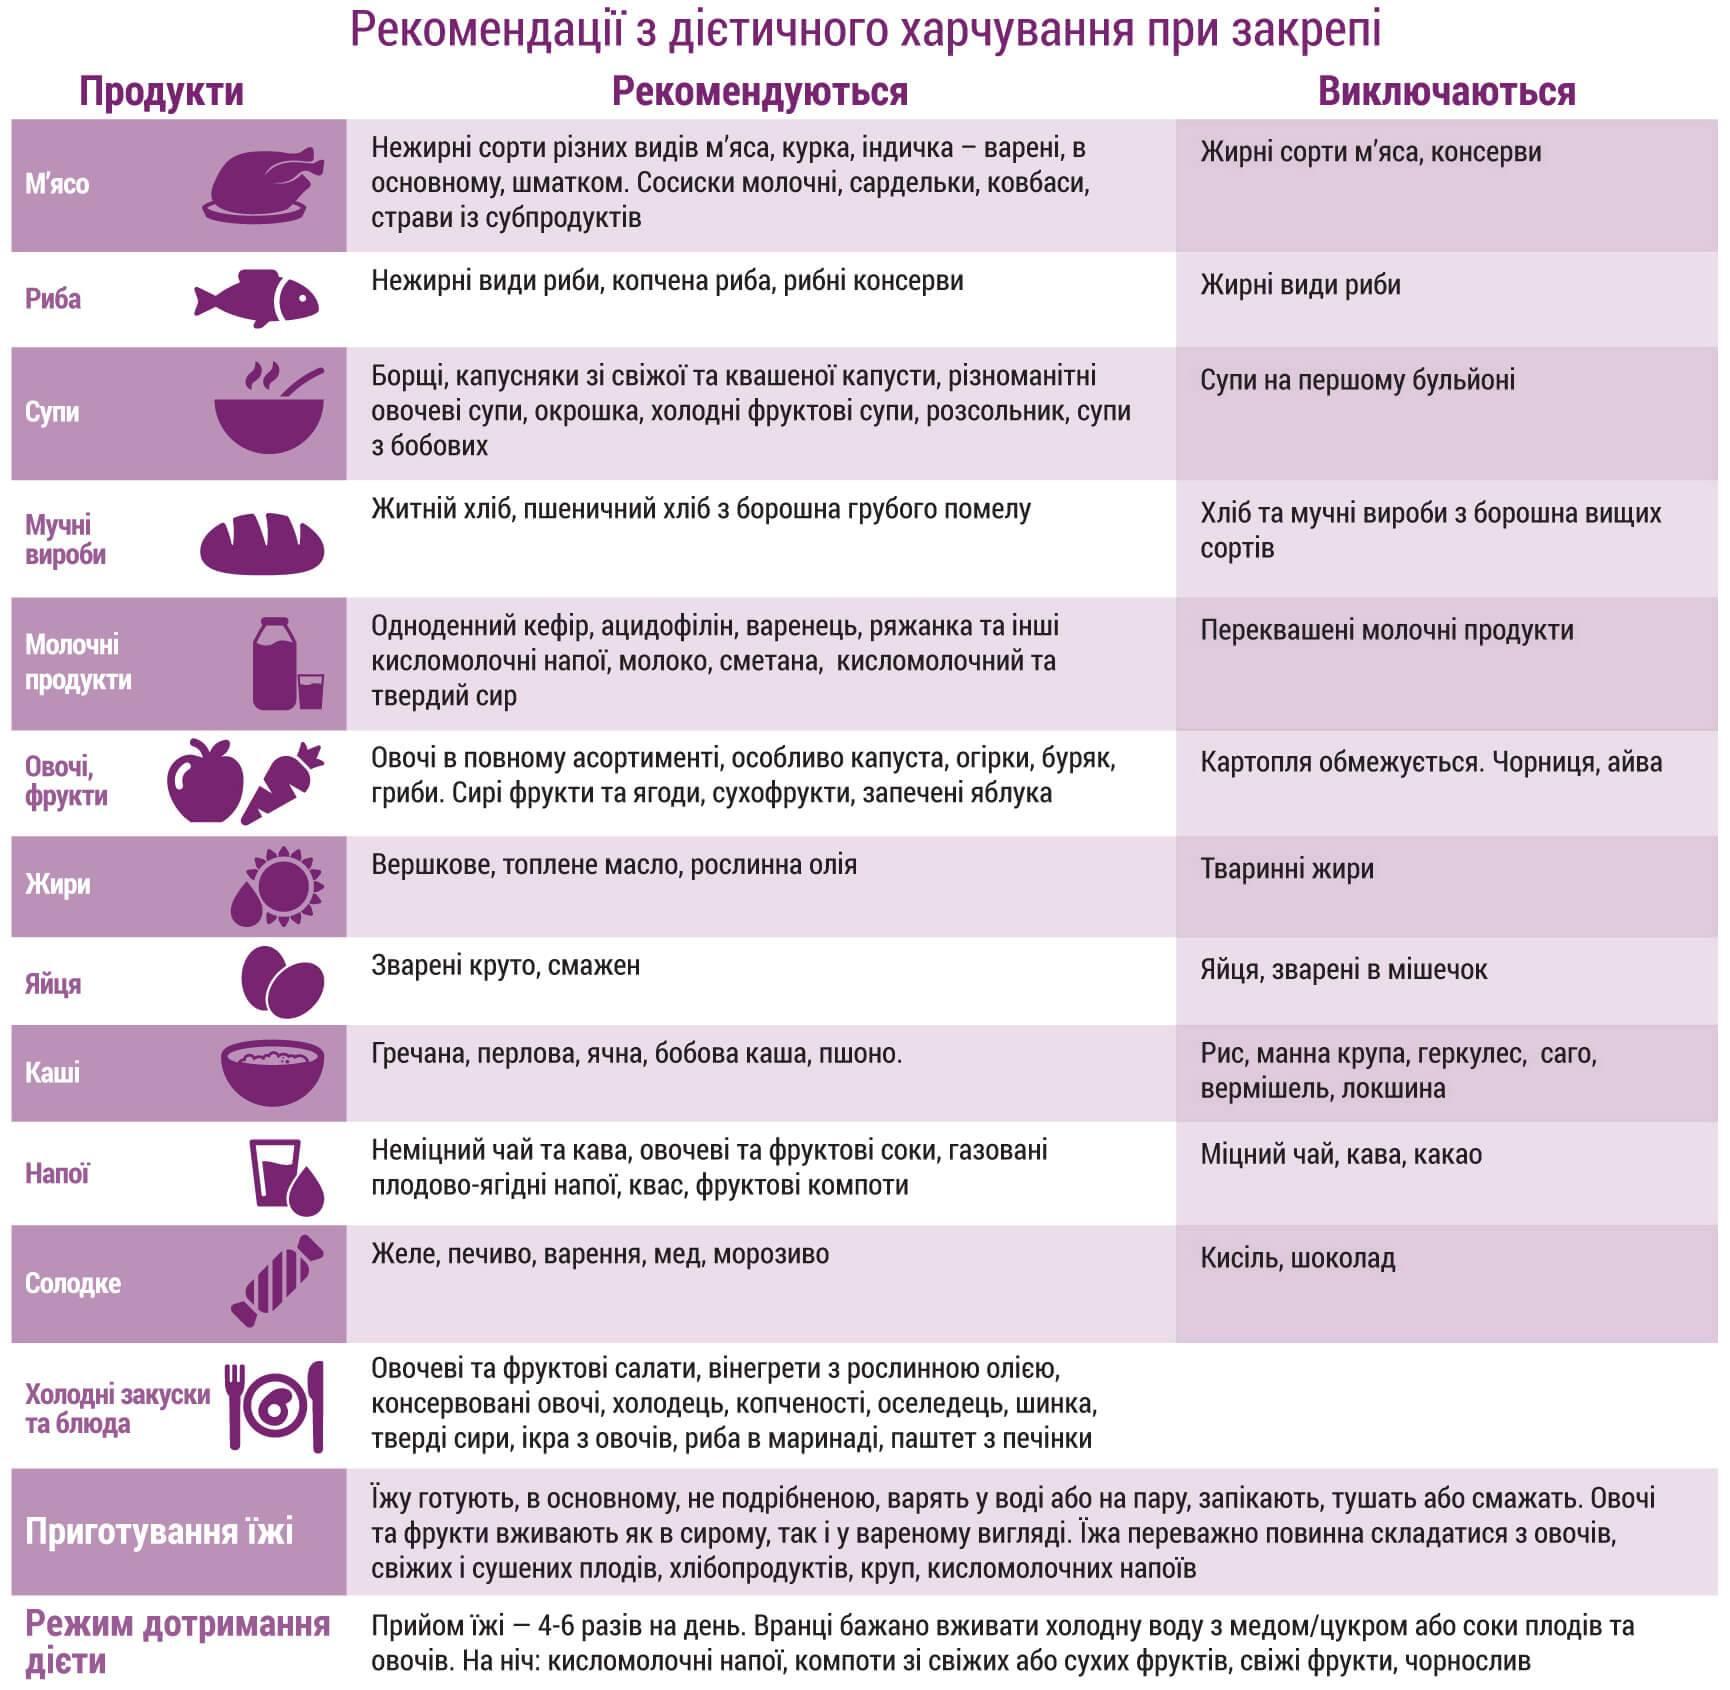 Диета при кандидозе | меню и рецепты диеты при кандидозе | компетентно о здоровье на ilive